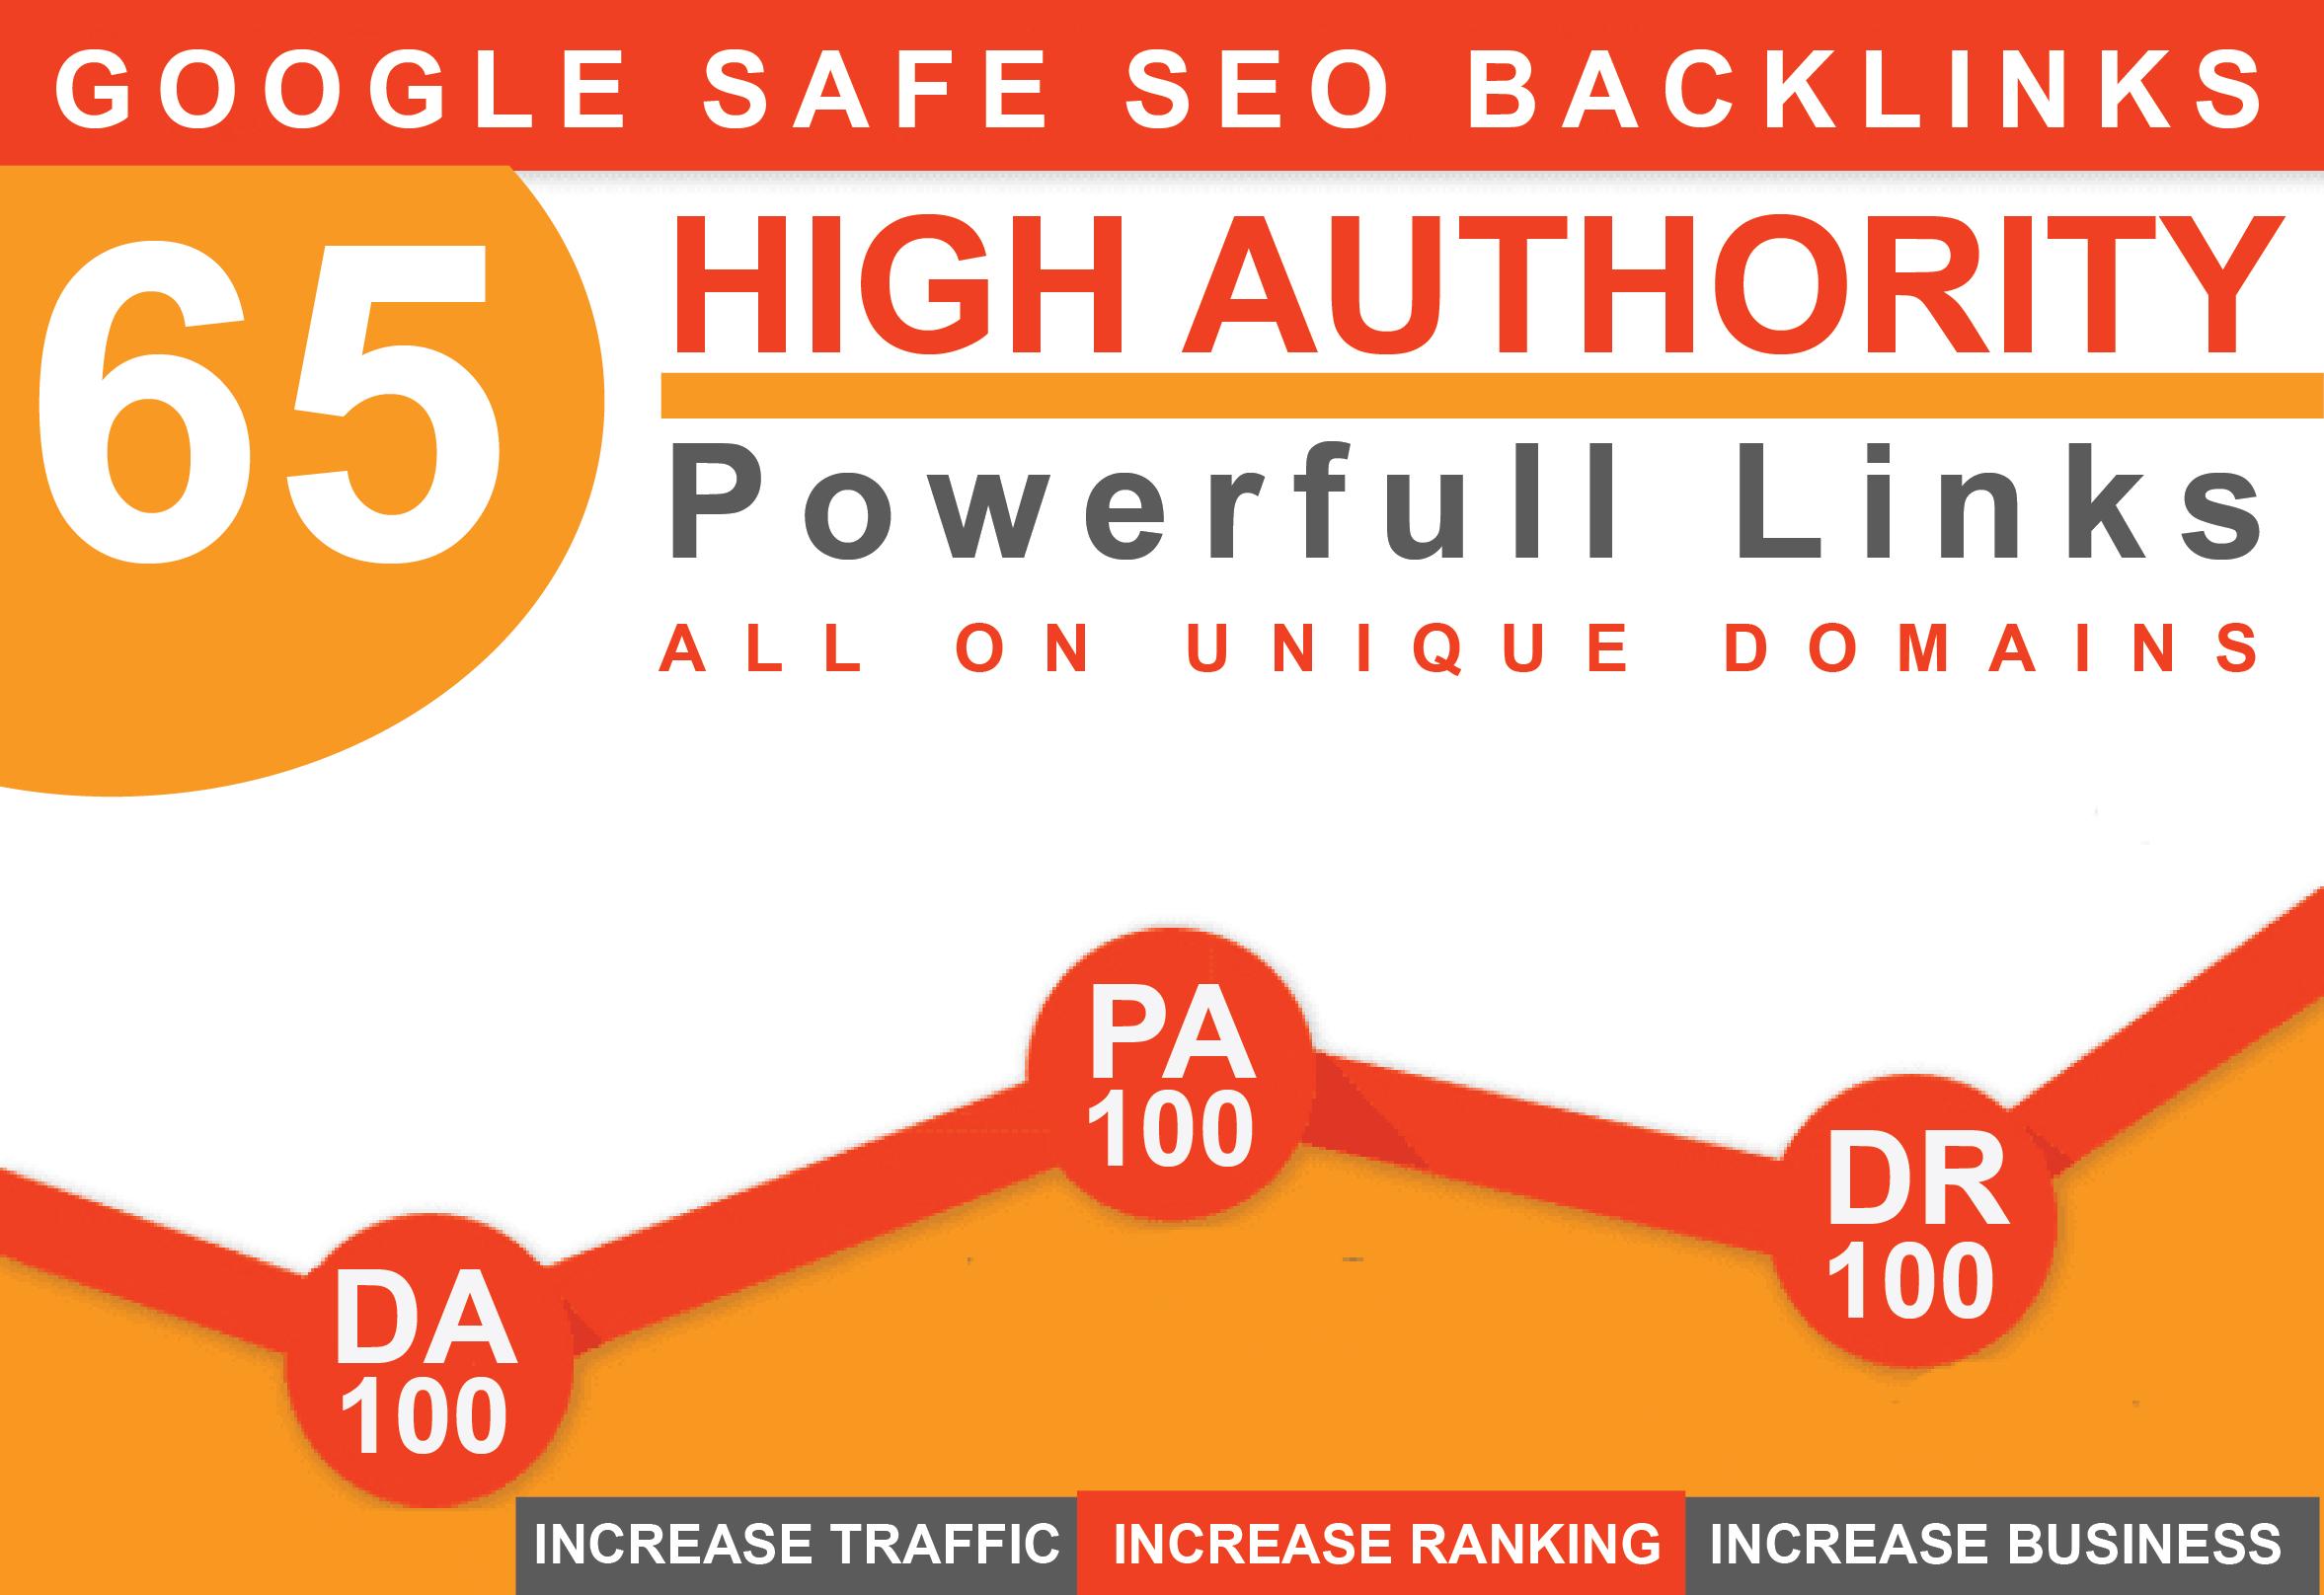 I will do 65 unique pr10 backlinks on DA100 PA100 sites